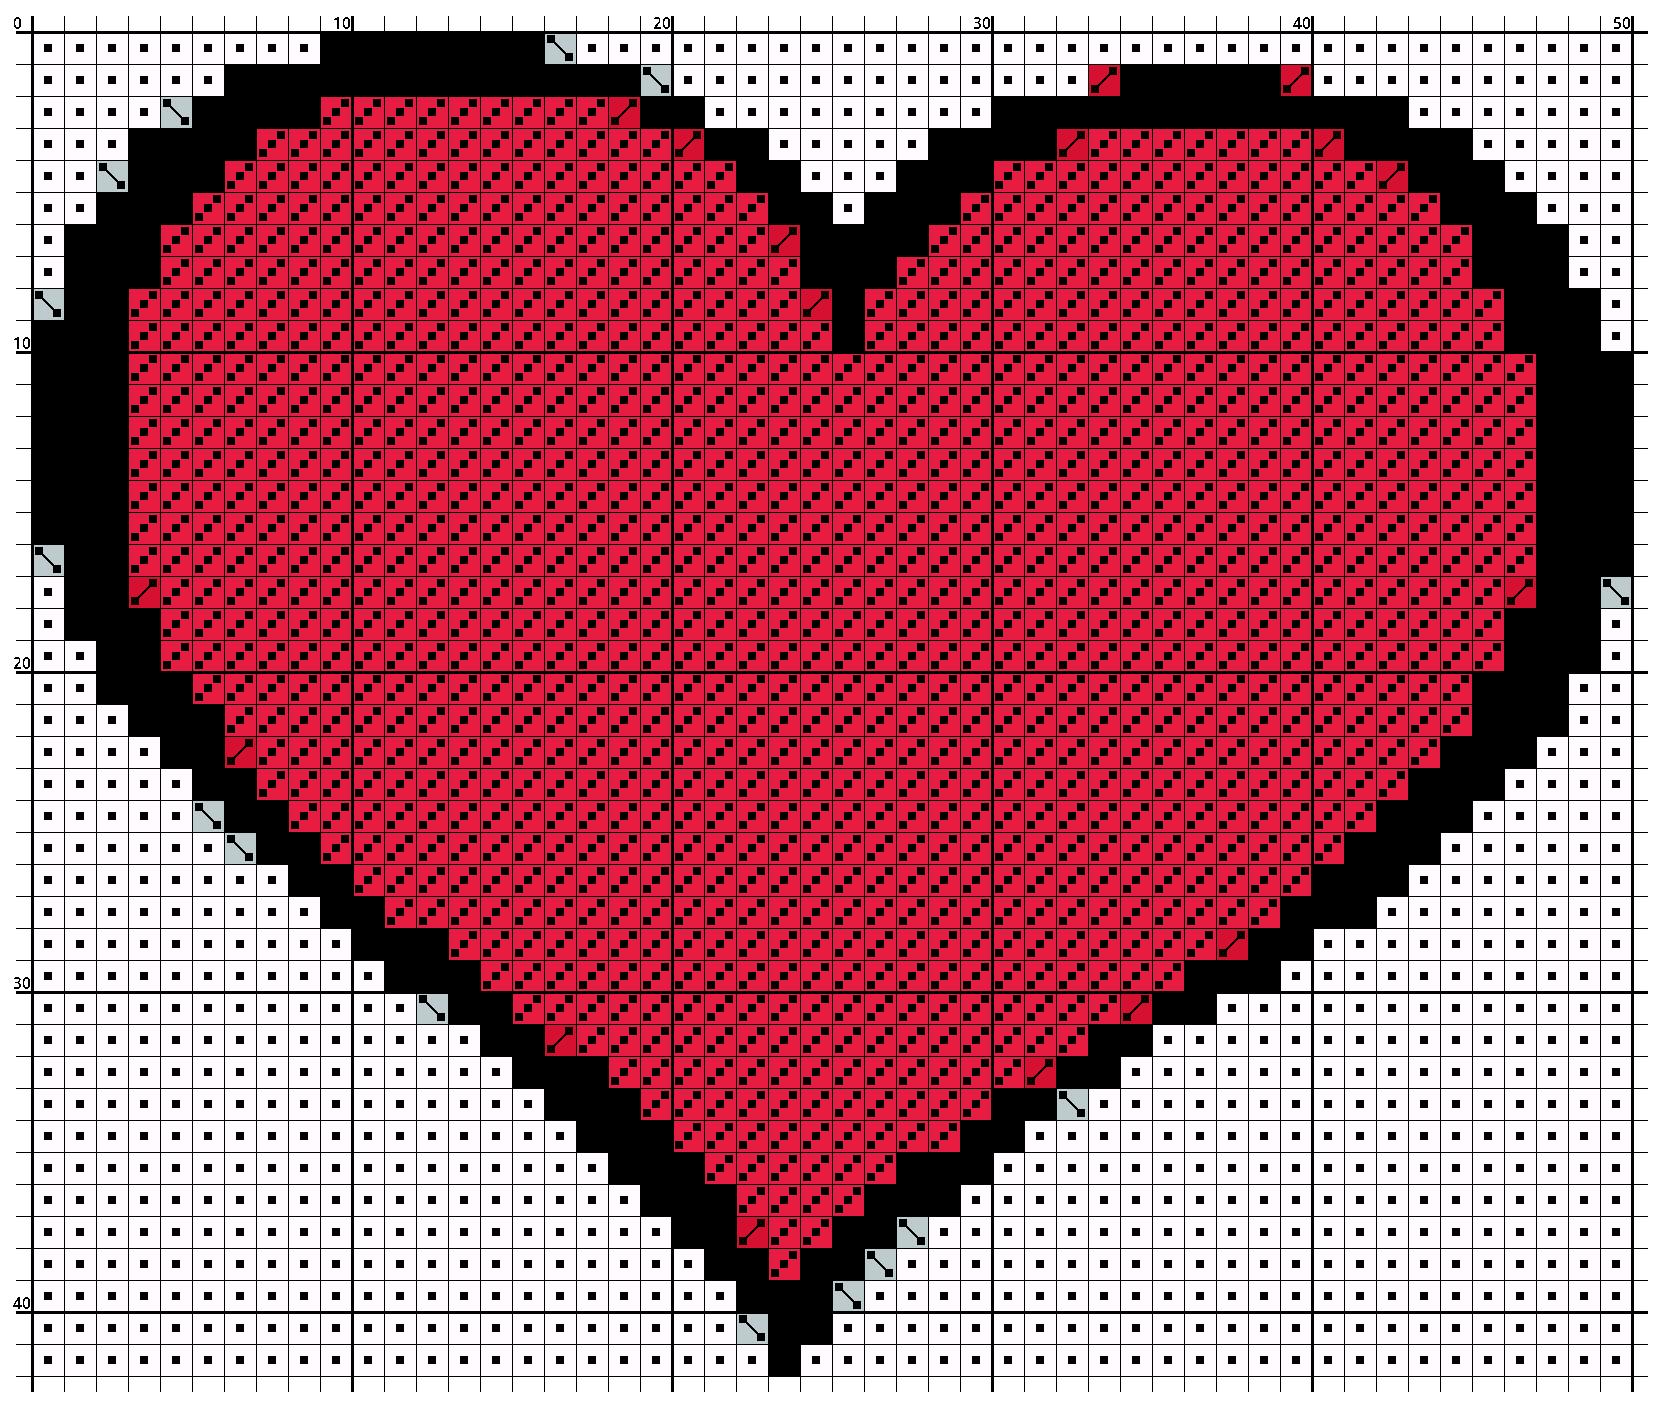 Converti immagini in schemi punto croce sul tuo android for Immagini punto a croce